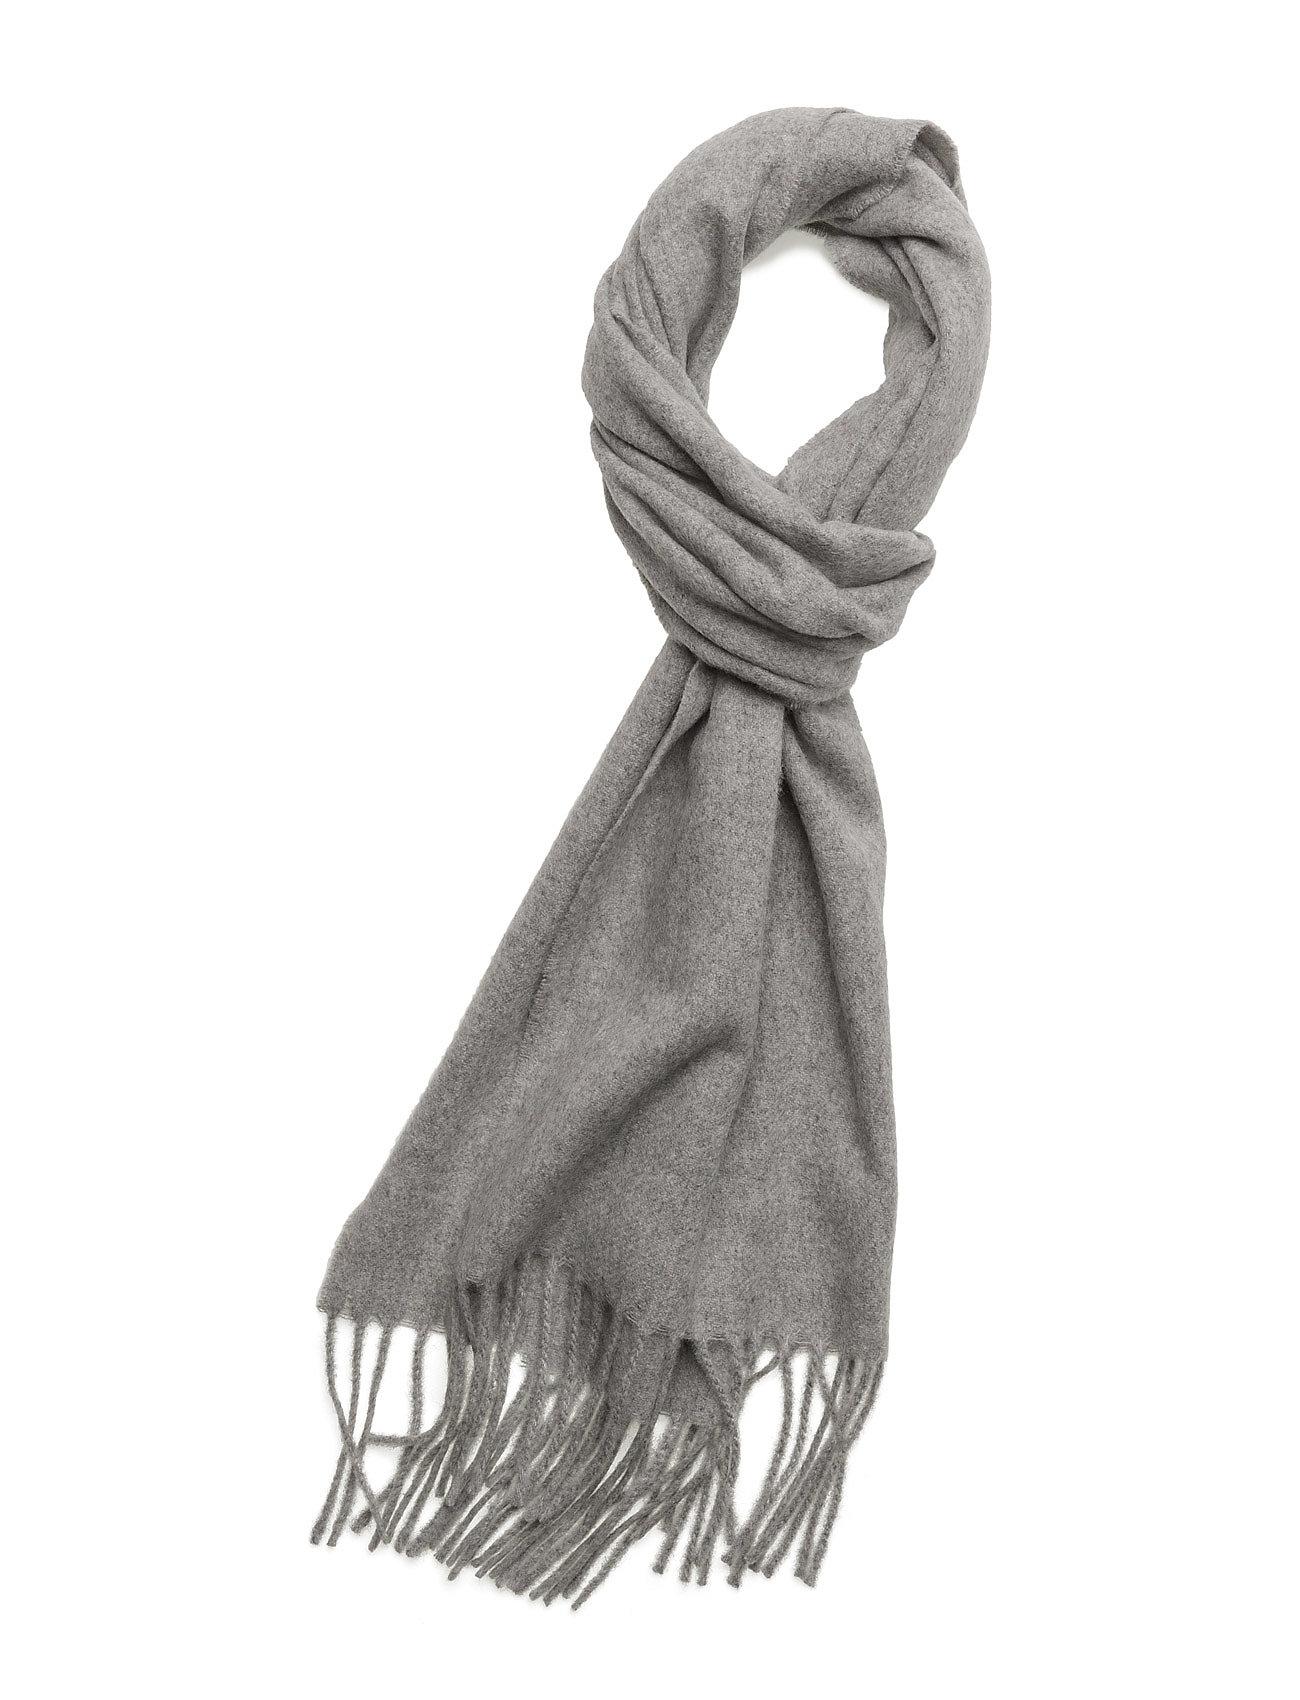 Scarf One 9058 NN07 Halstørklæder til Herrer i Grey Mel.